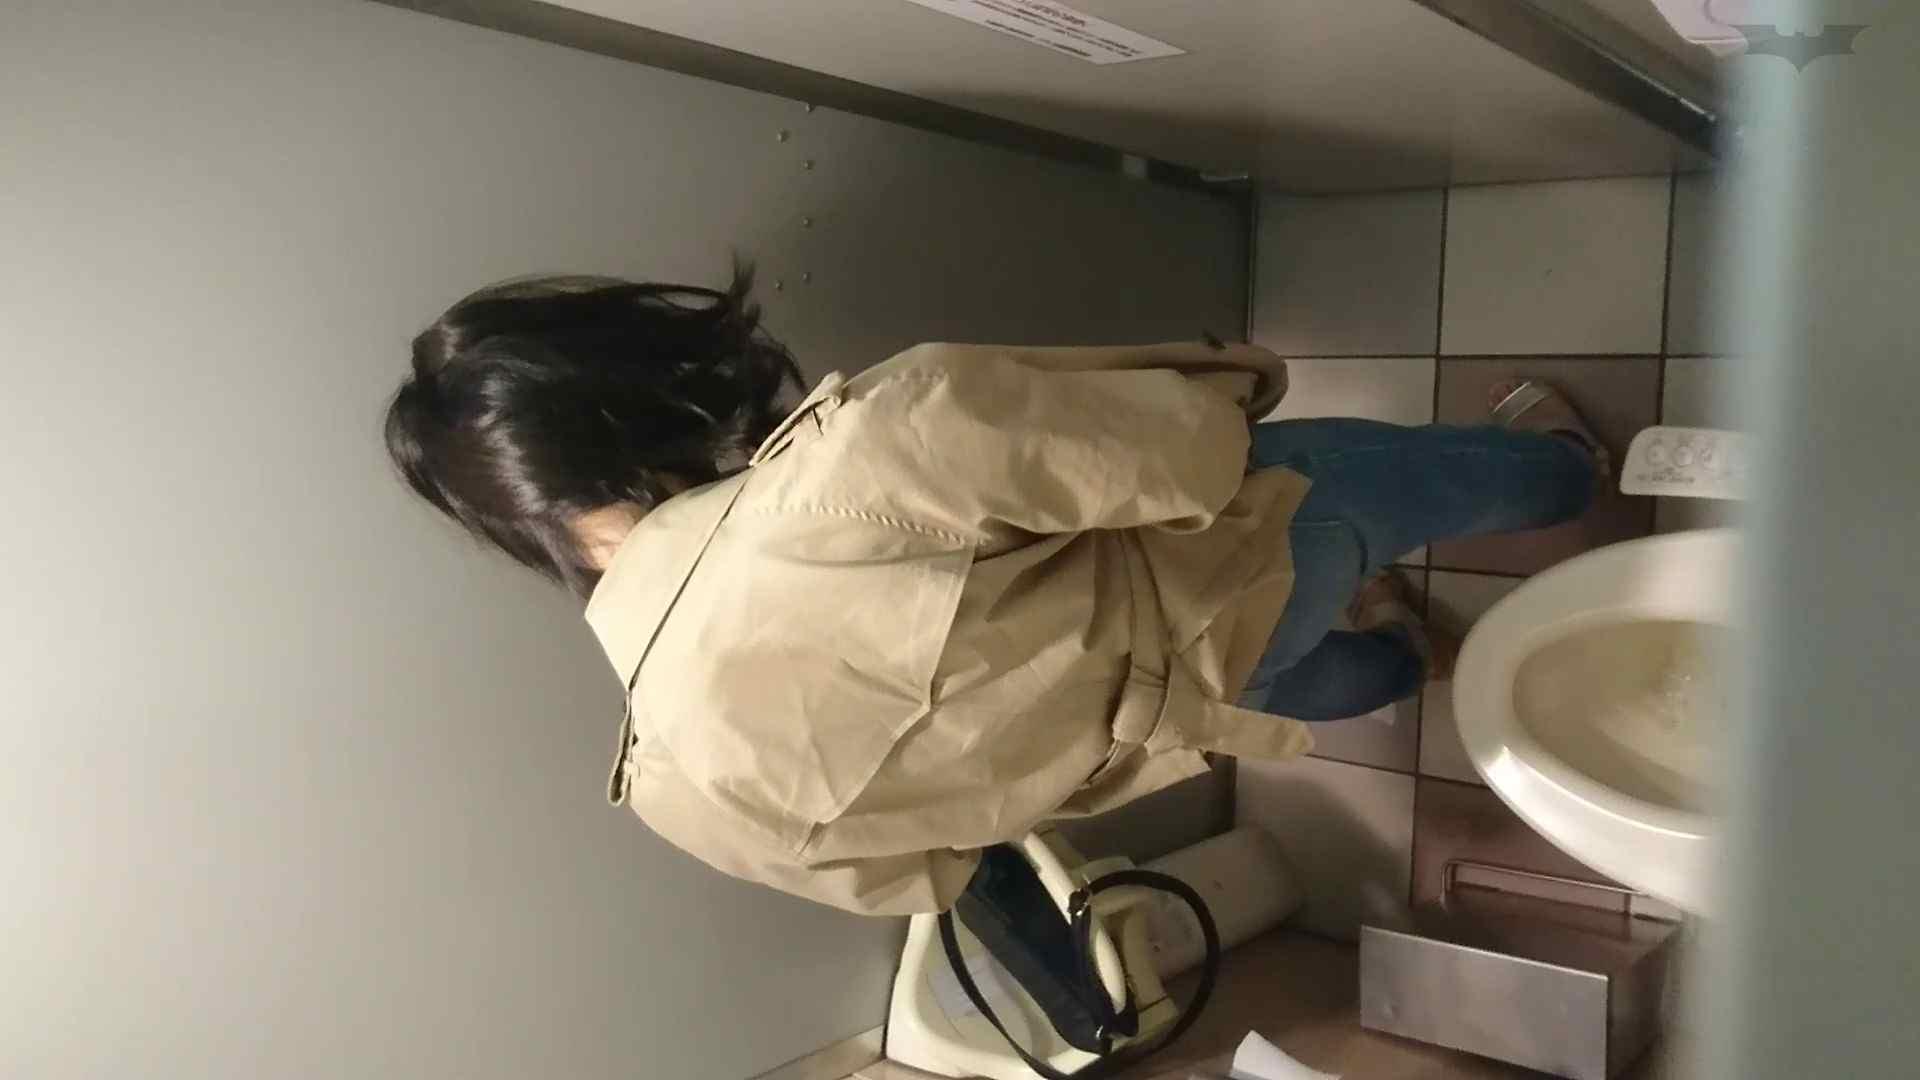 化粧室絵巻 ショッピングモール編 VOL.22 OL  95pic 18